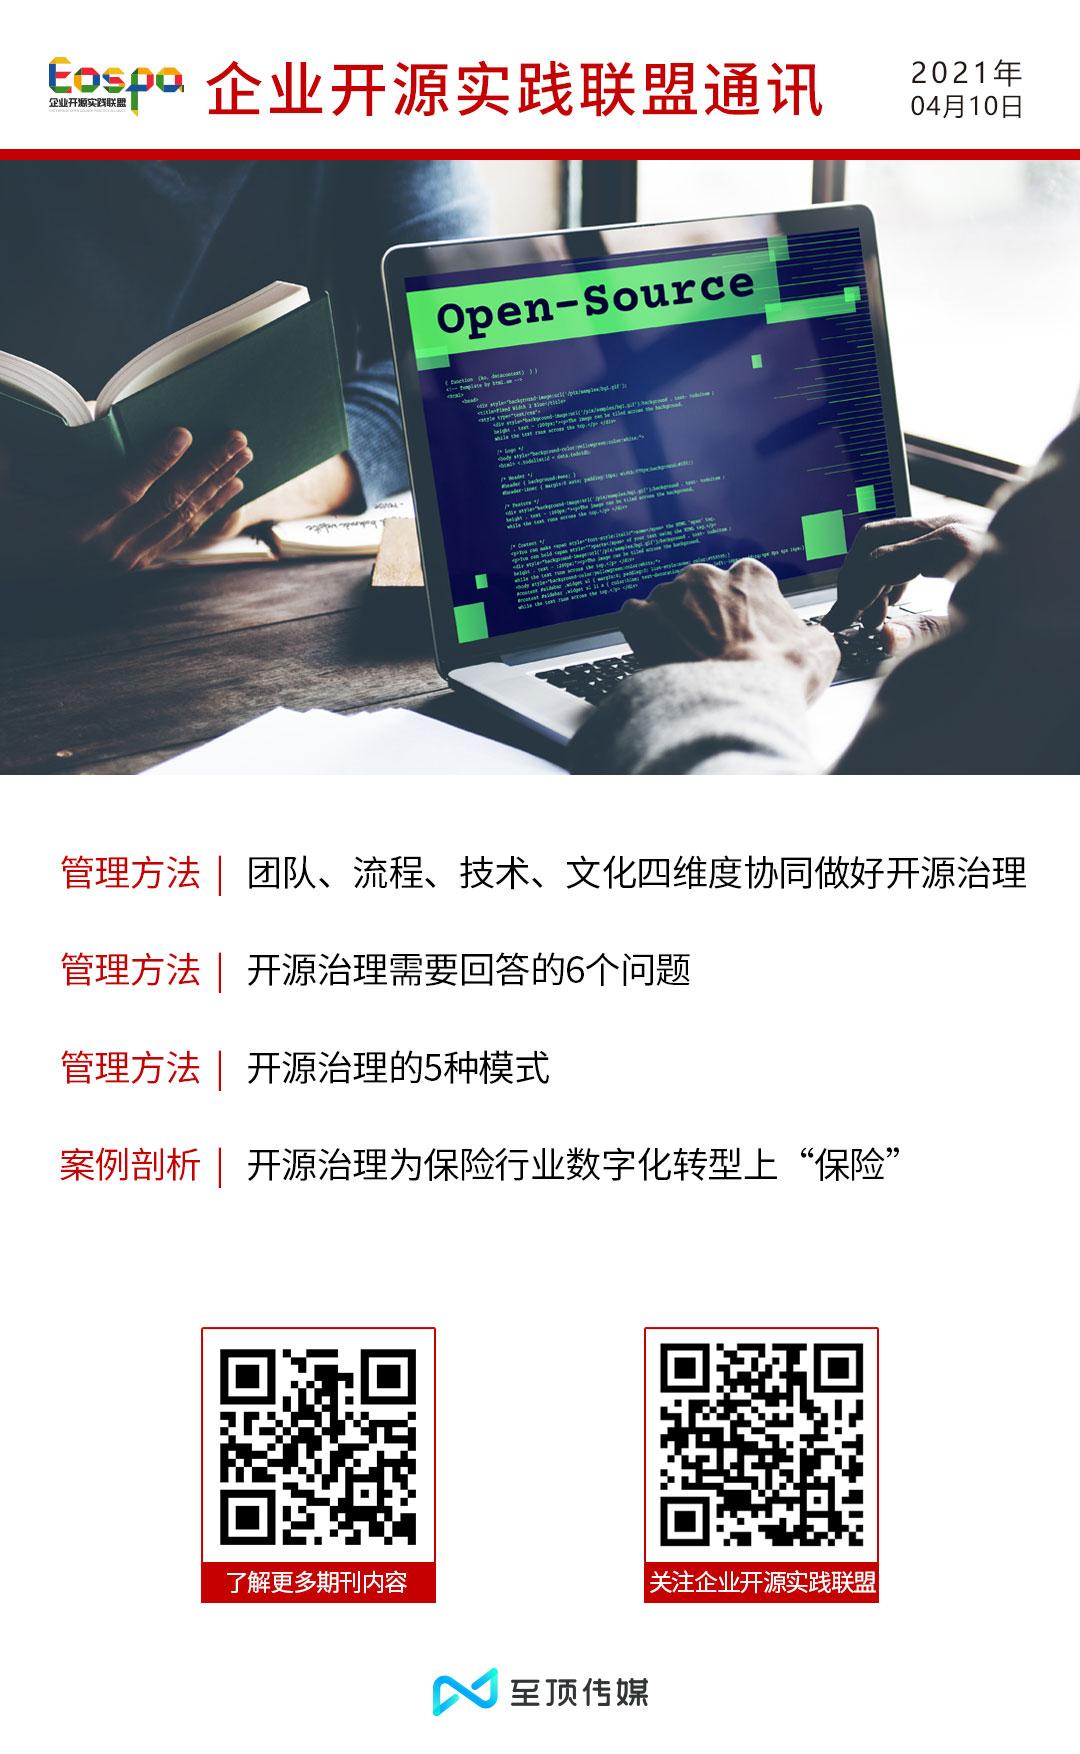 《企业开源实践联盟通讯》第十二期 - 至顶网